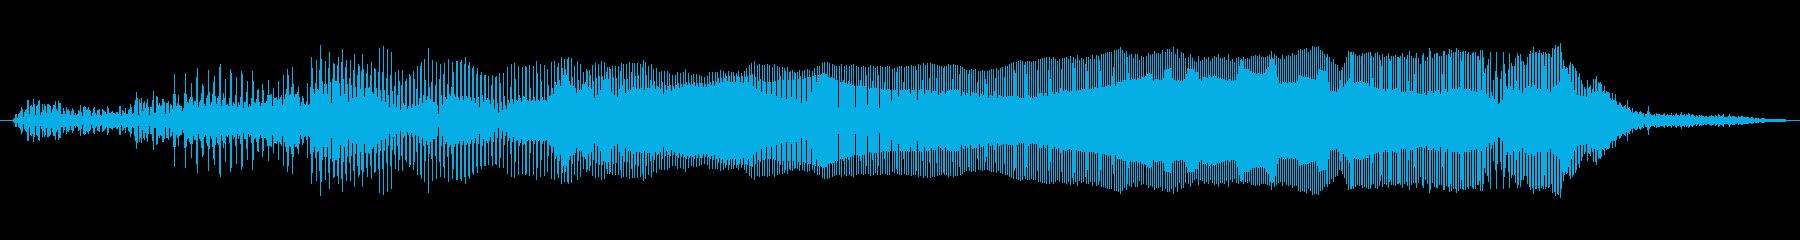 えーーーっ!?の再生済みの波形